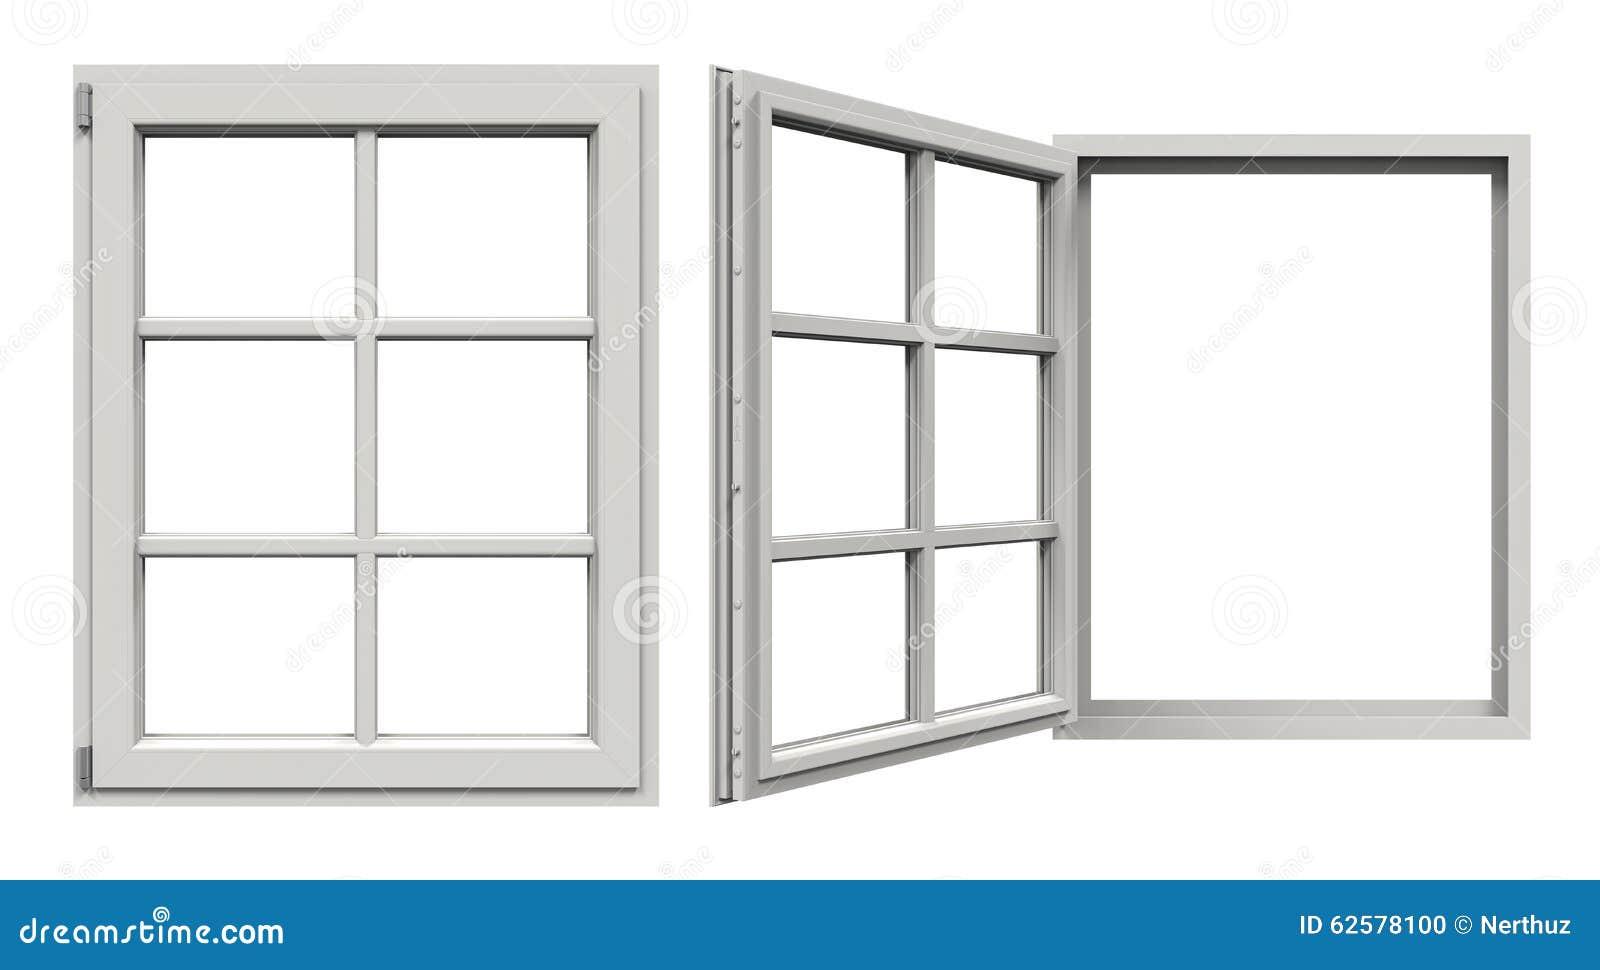 Fen tre ouverte et ferm e illustration stock image 62578100 for Une fenetre ouverte